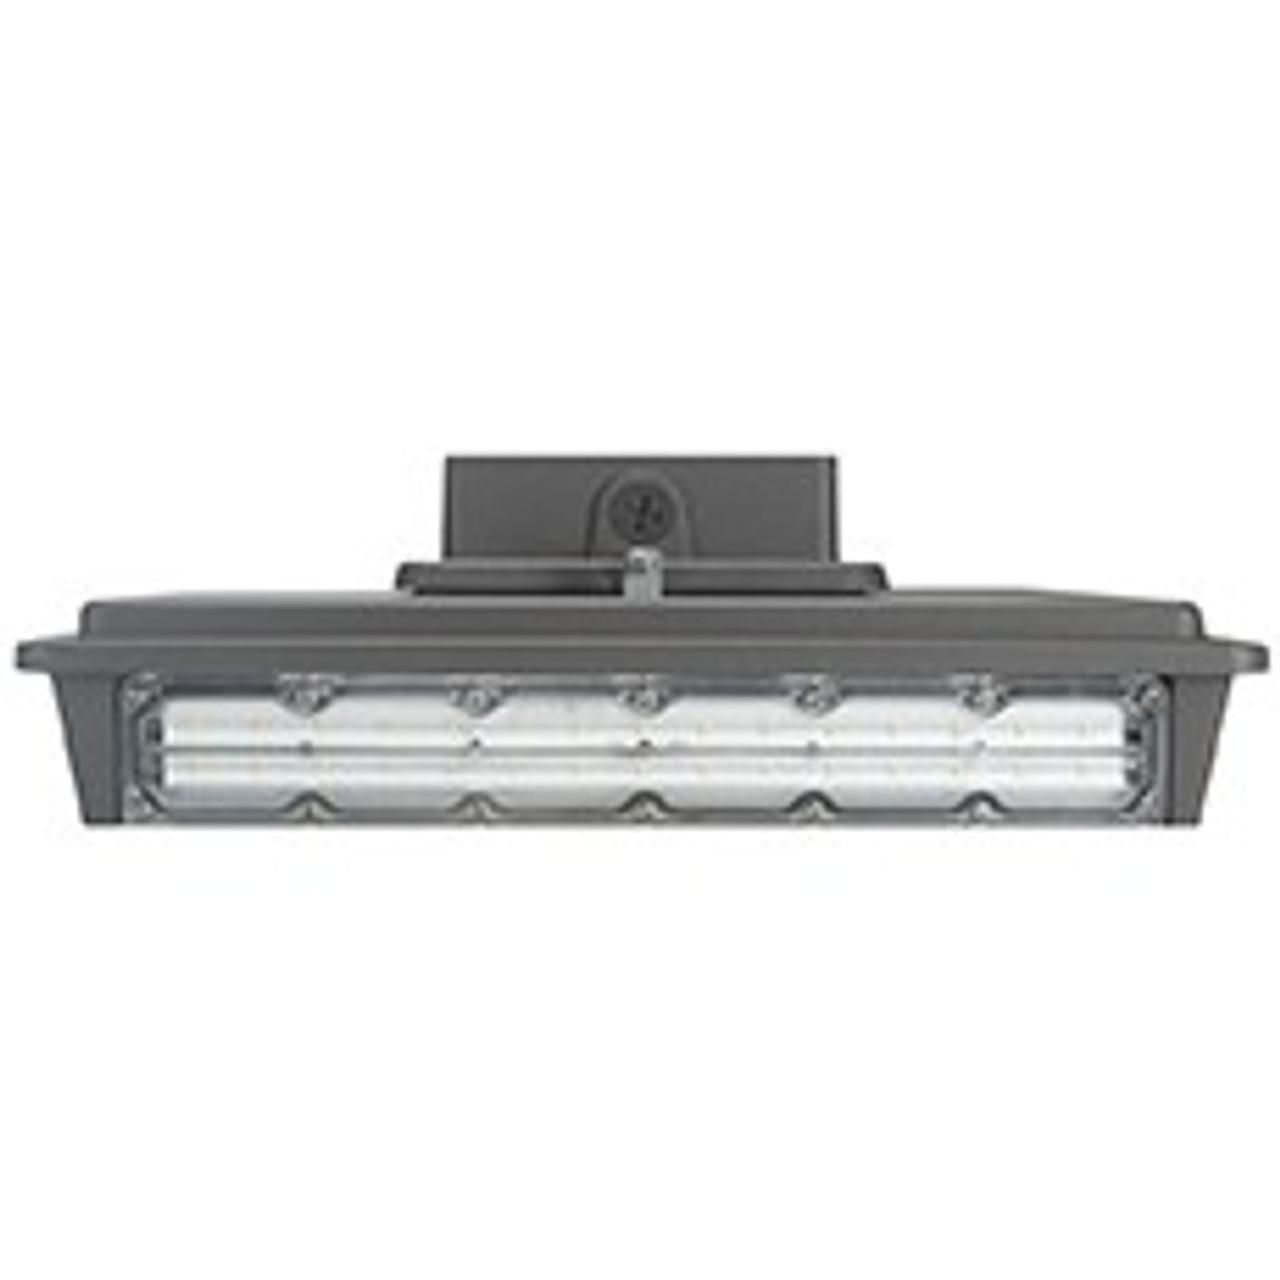 LED Parking Garage Canopy (SIDE)